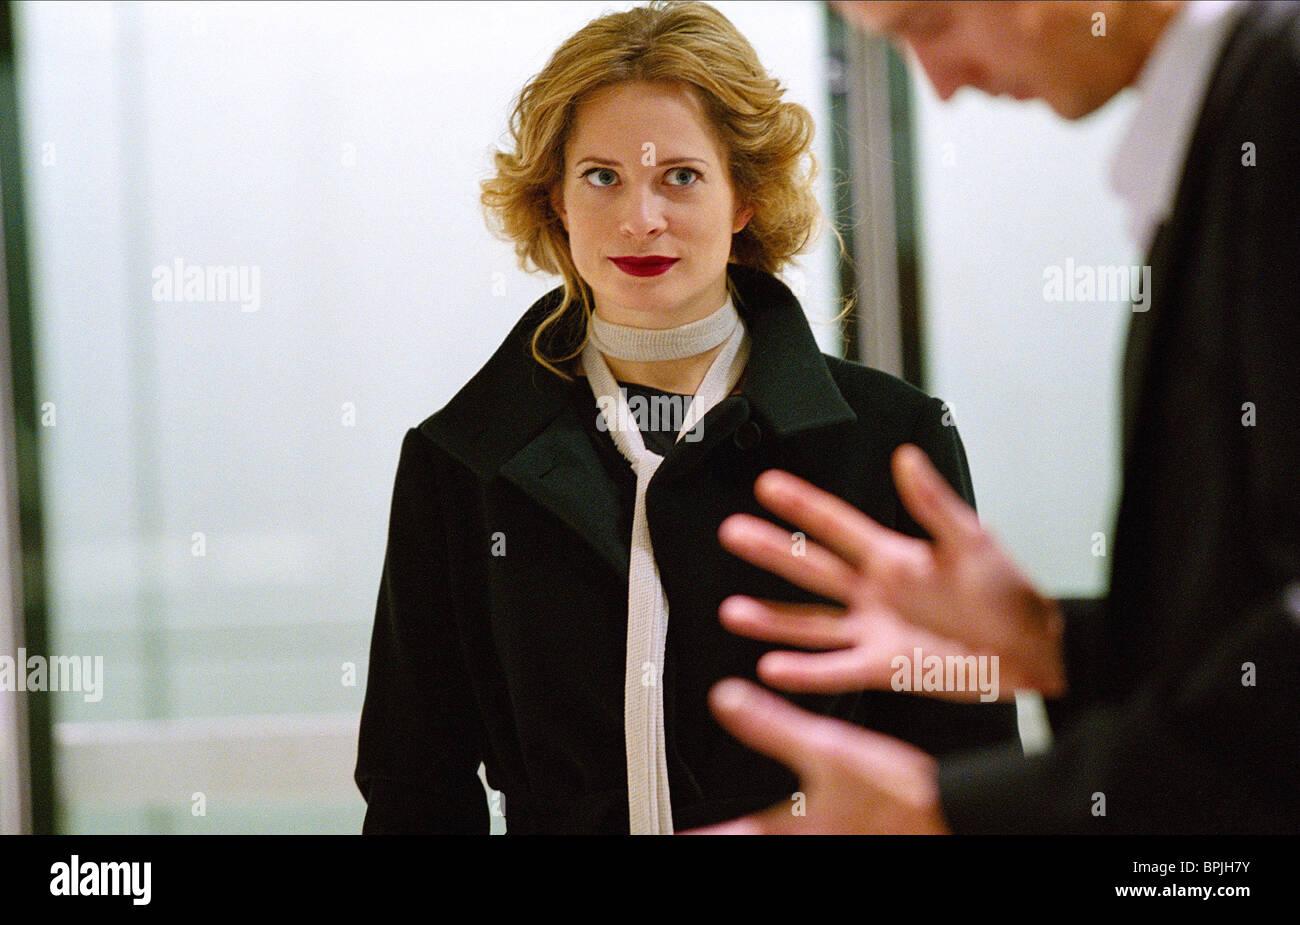 MARIA BONNEVIE REKONSTRUKTION (2003) Stockbild